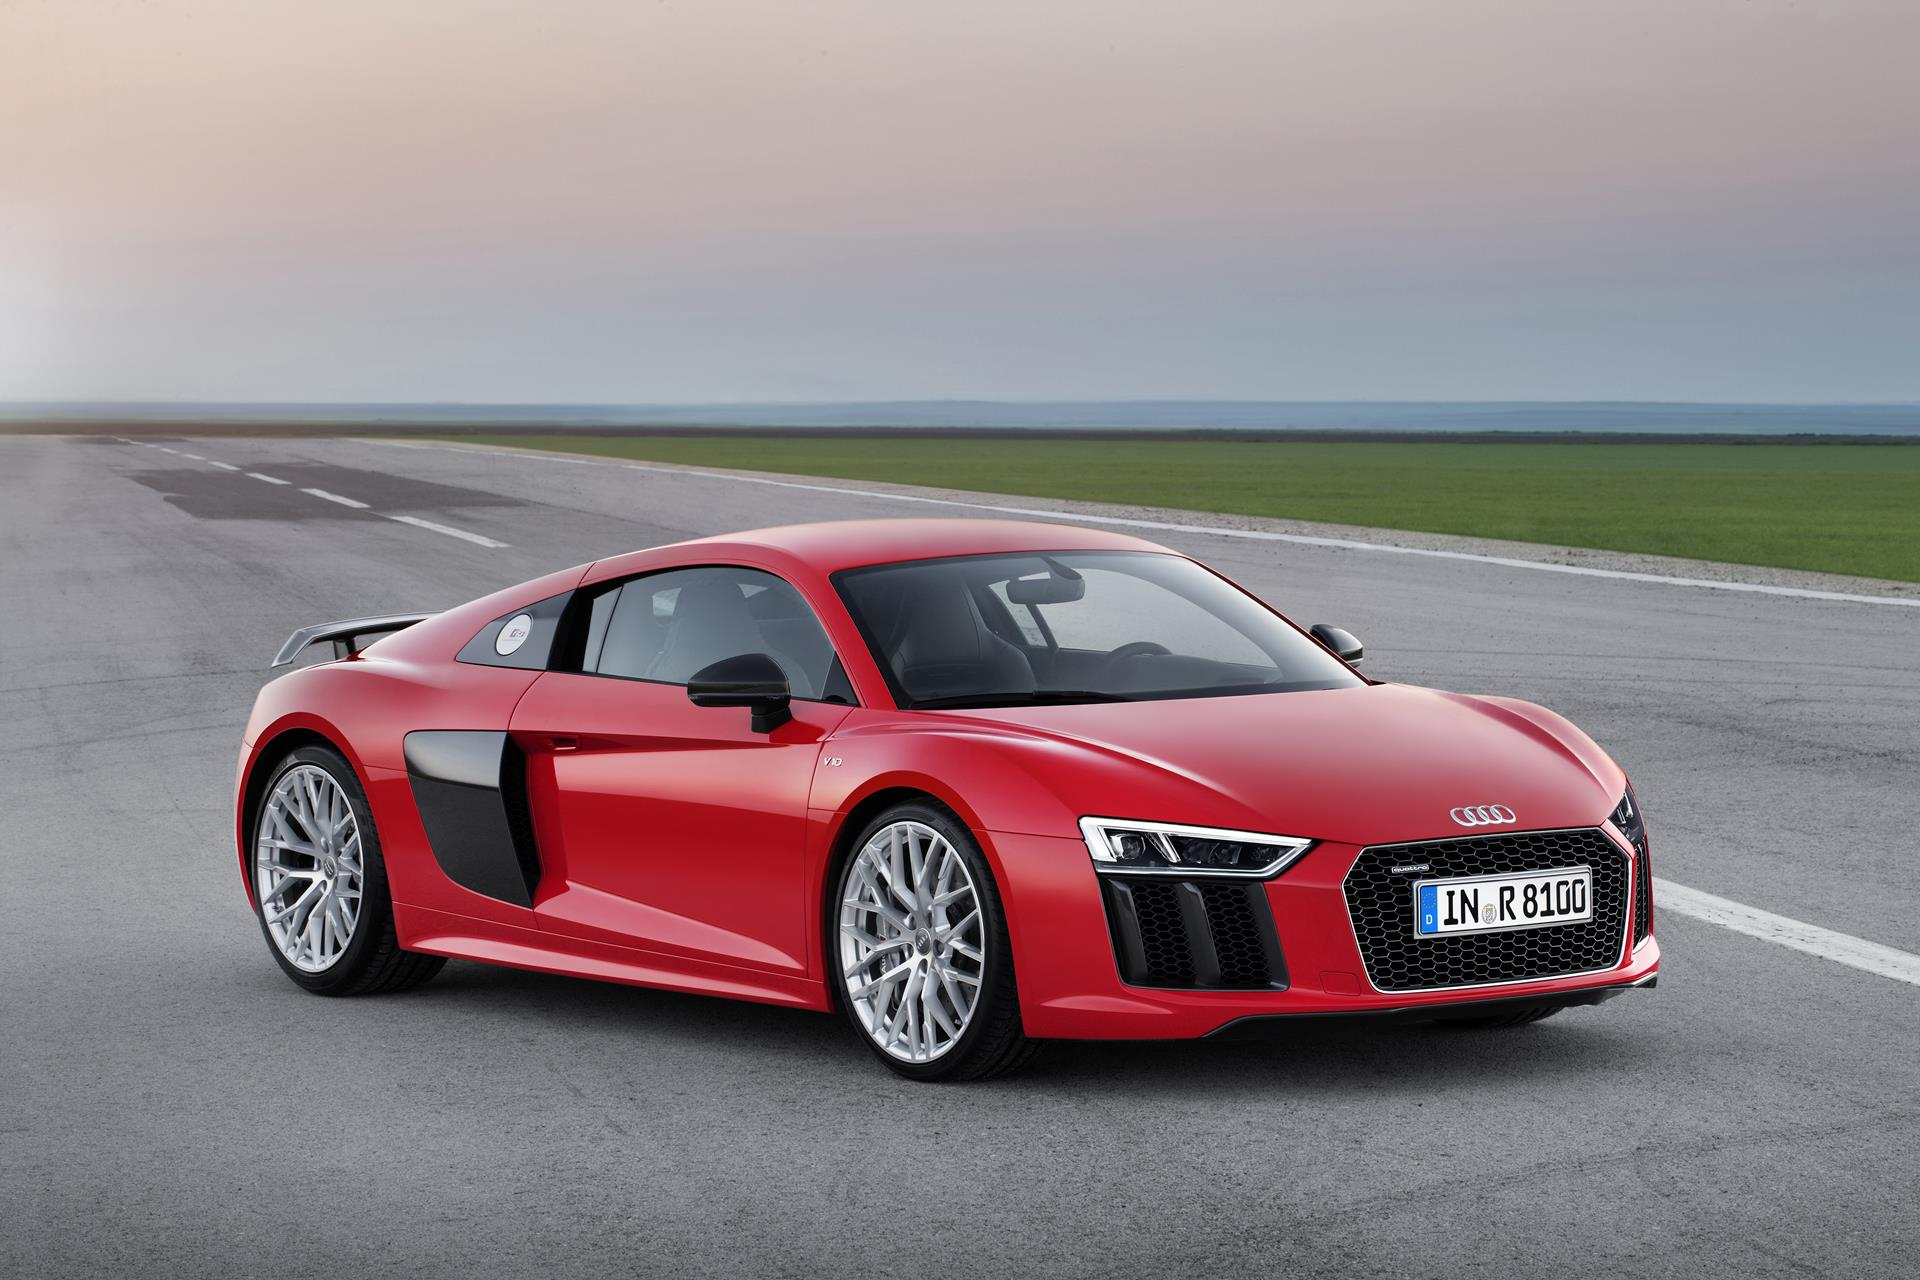 2016 Audi R8 V10 plus Images. Photo Audi-R8-V10-Plus-Coupe-15-01.jpg